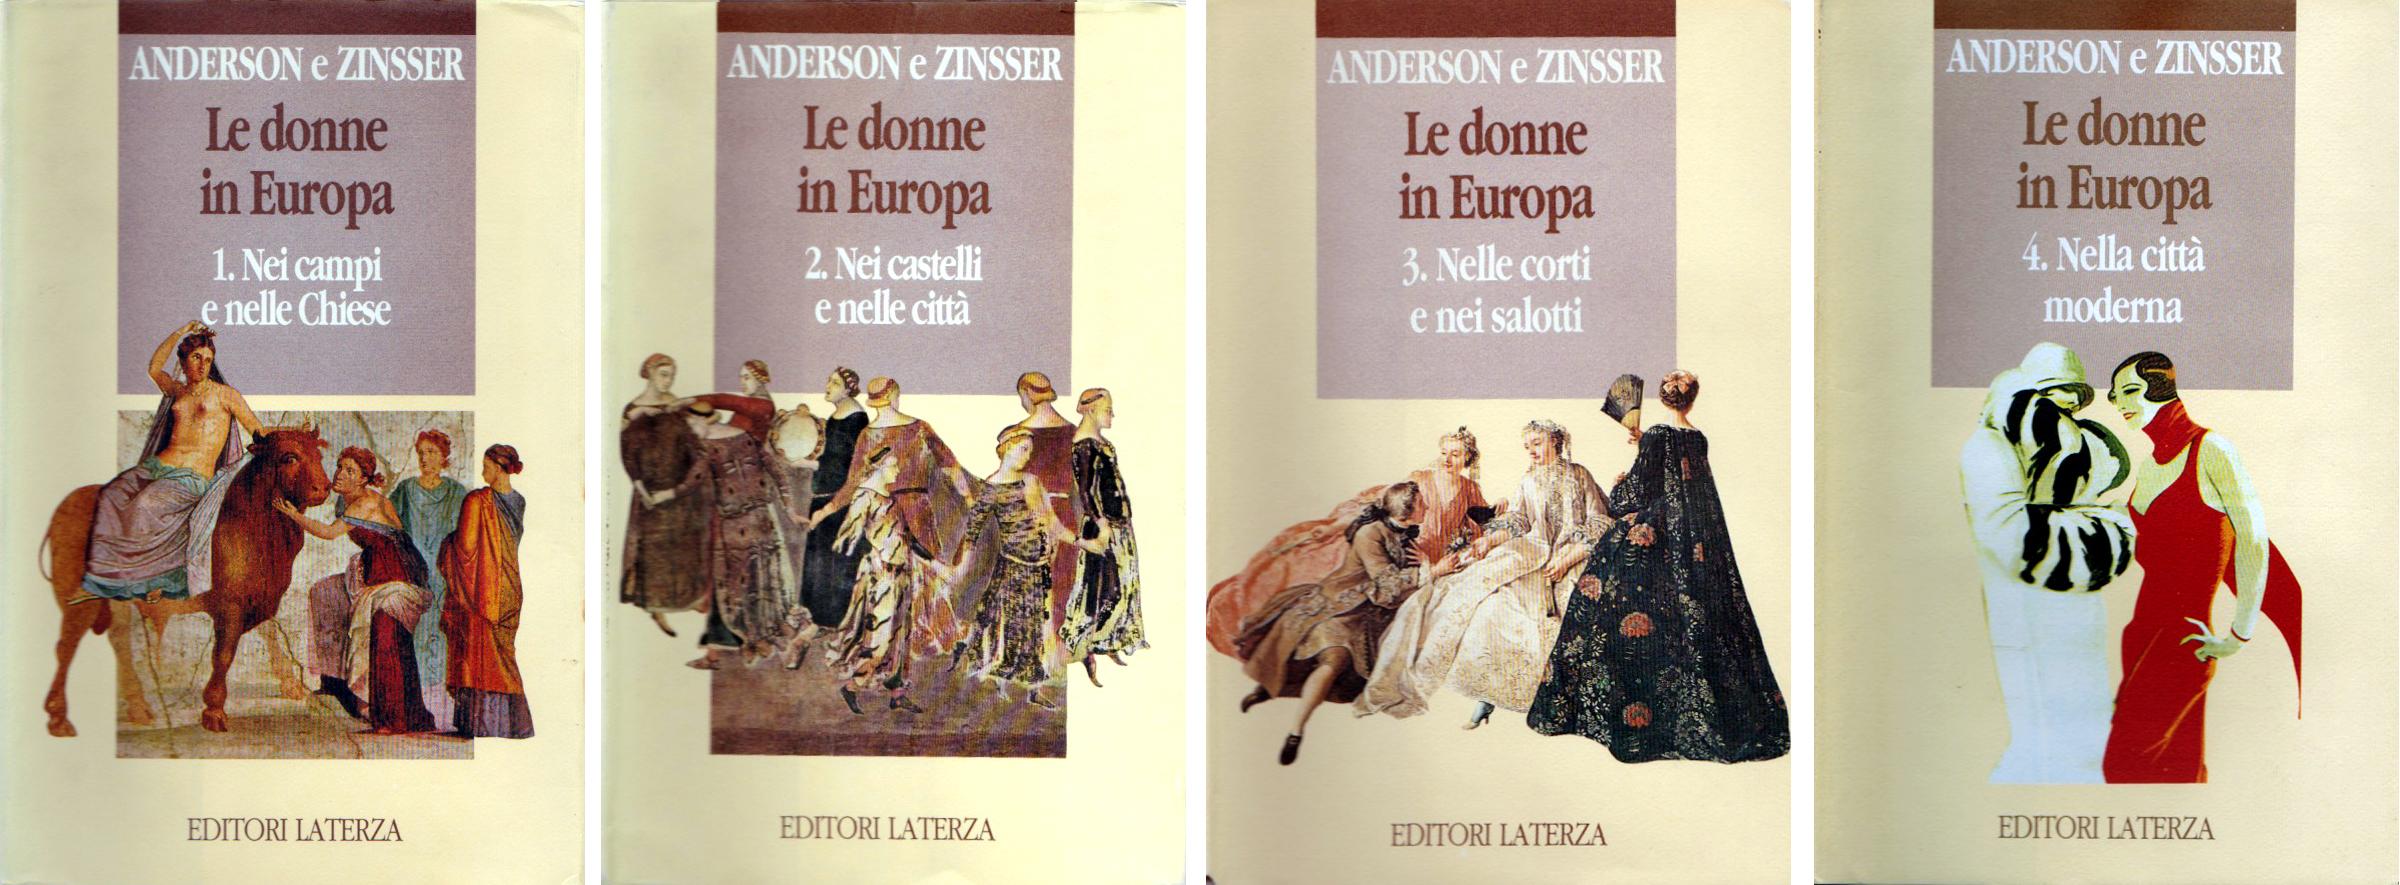 Italian: Editori Laterza